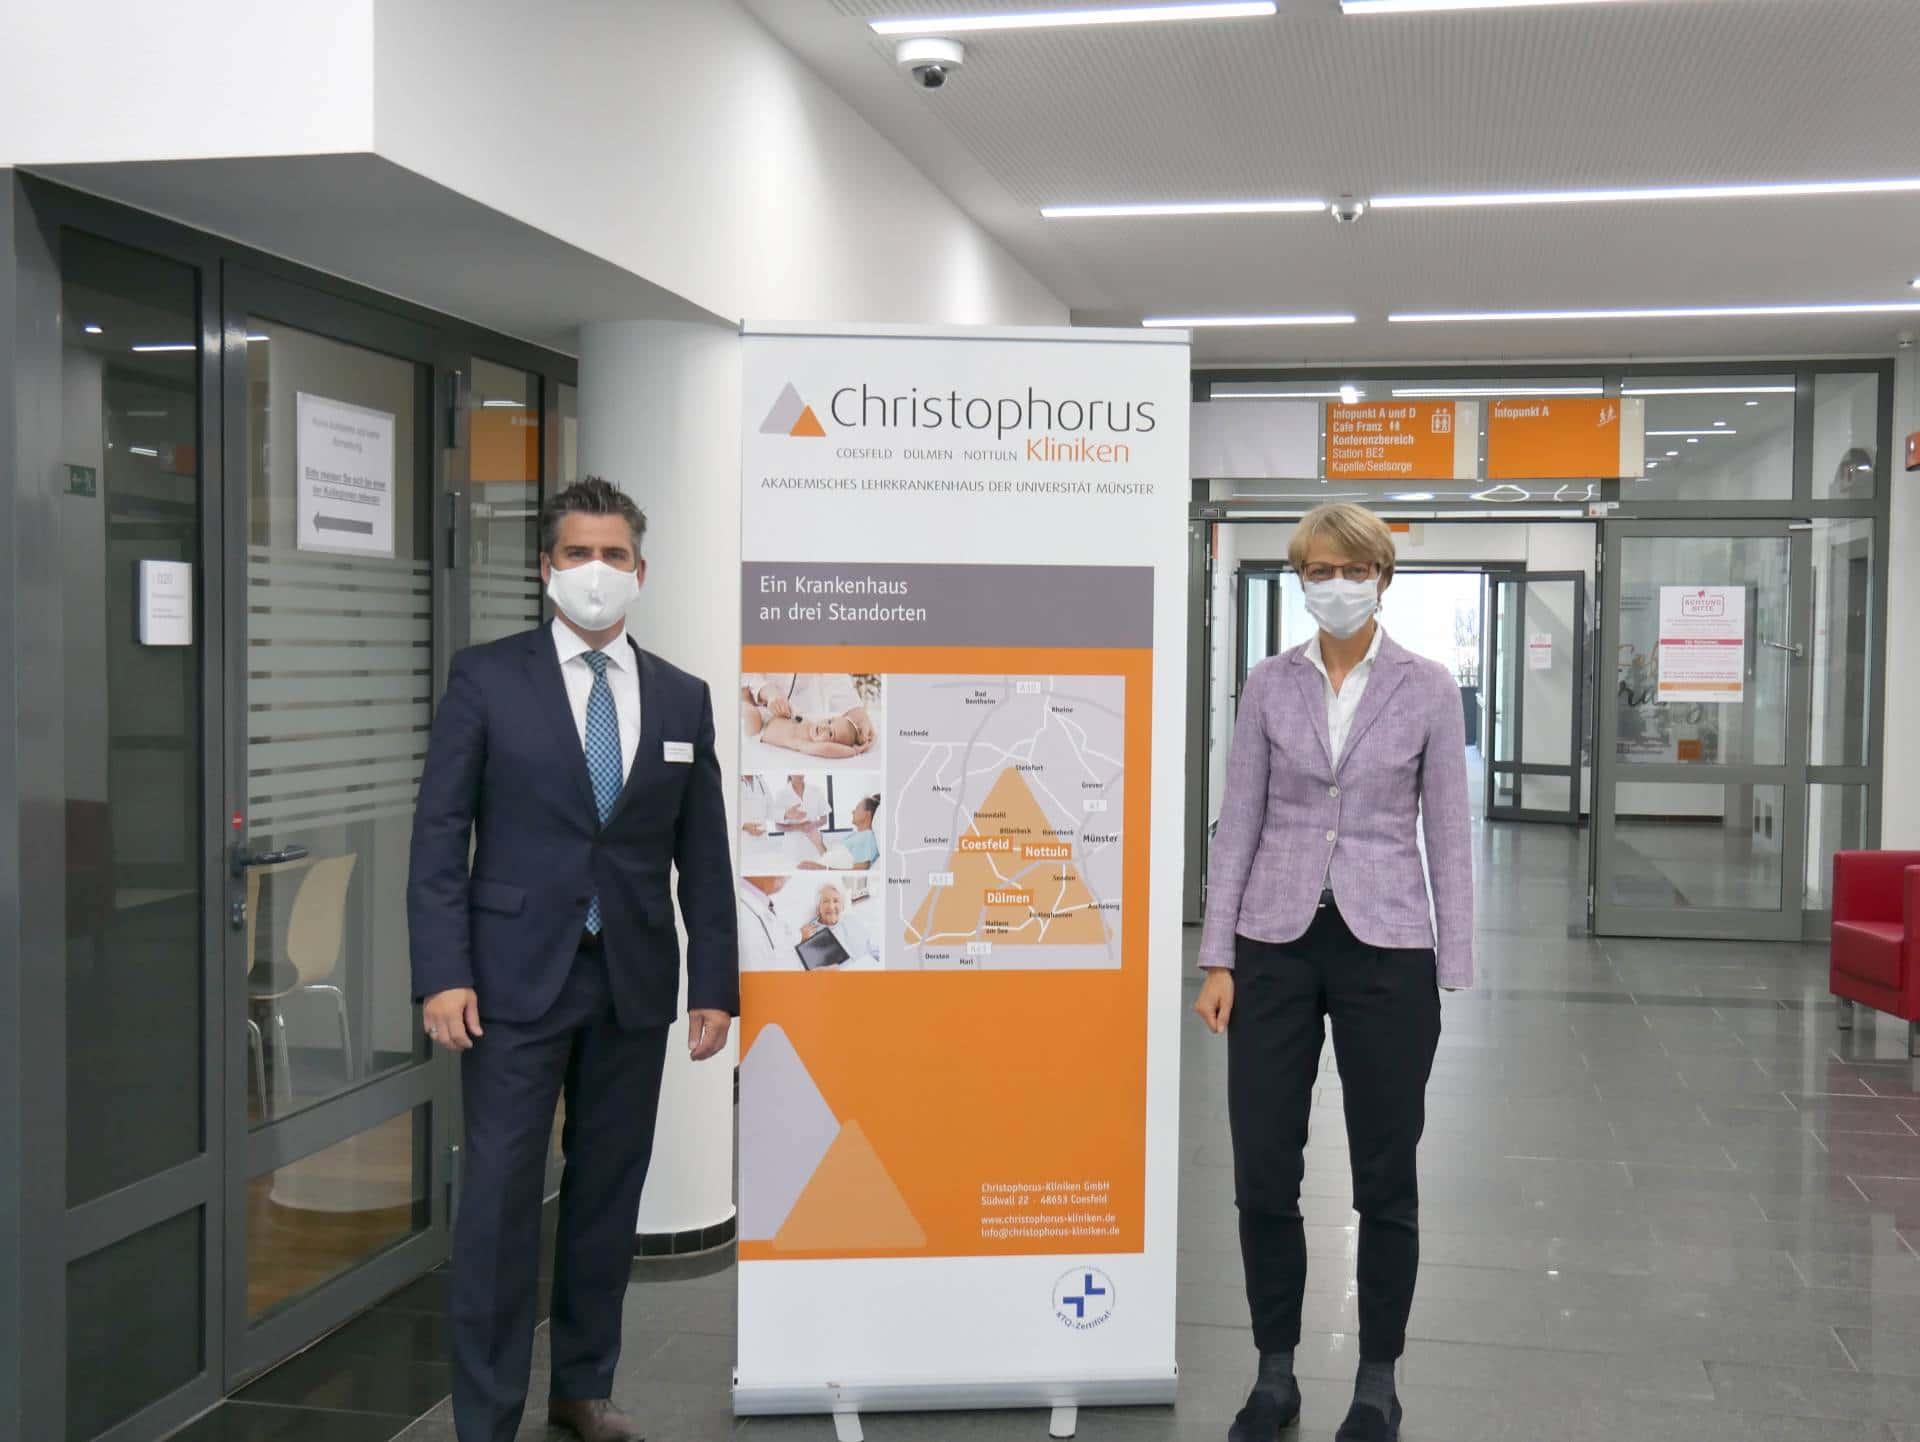 Christophorus Kliniken Duelmen Regierungspraesidentin Feller zu Besuch